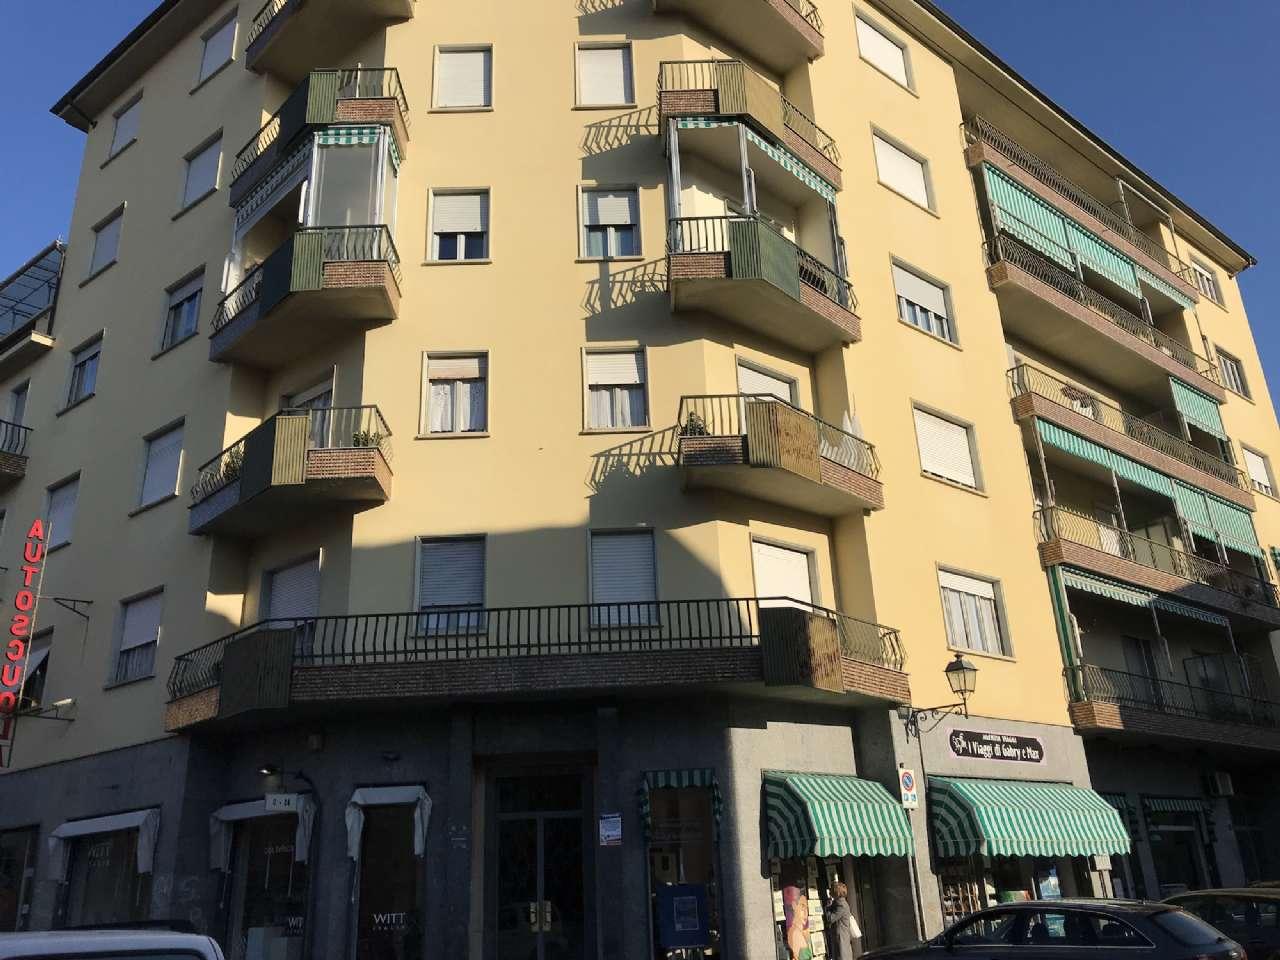 Attico / Mansarda in vendita a Chieri, 6 locali, prezzo € 360.000 | PortaleAgenzieImmobiliari.it